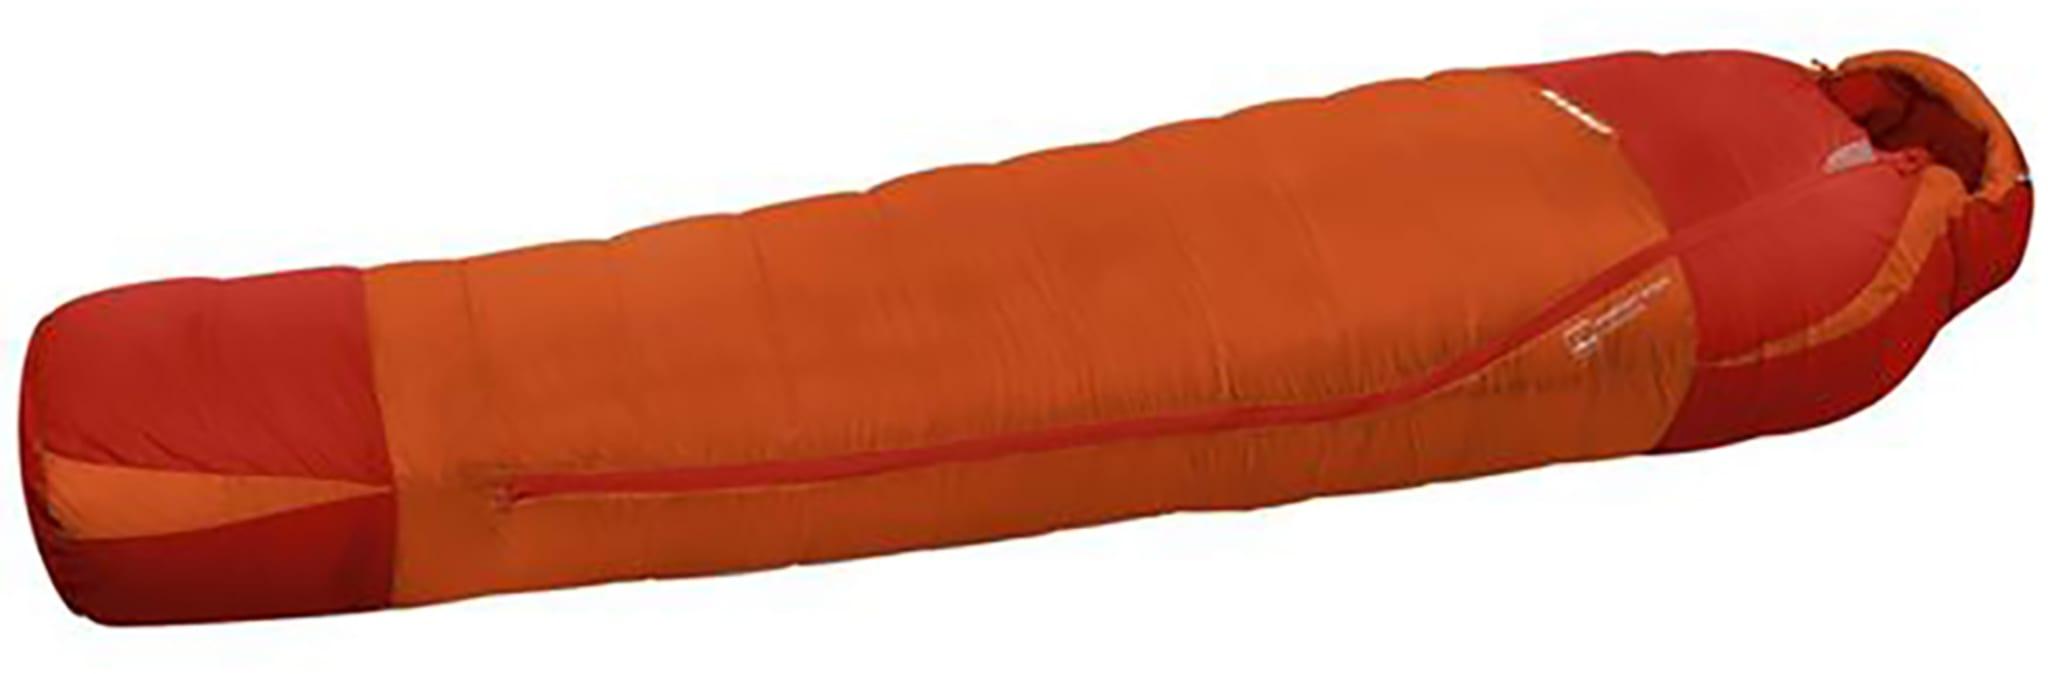 God og varm lettvekts-dunpose for vår, sommer og høst!